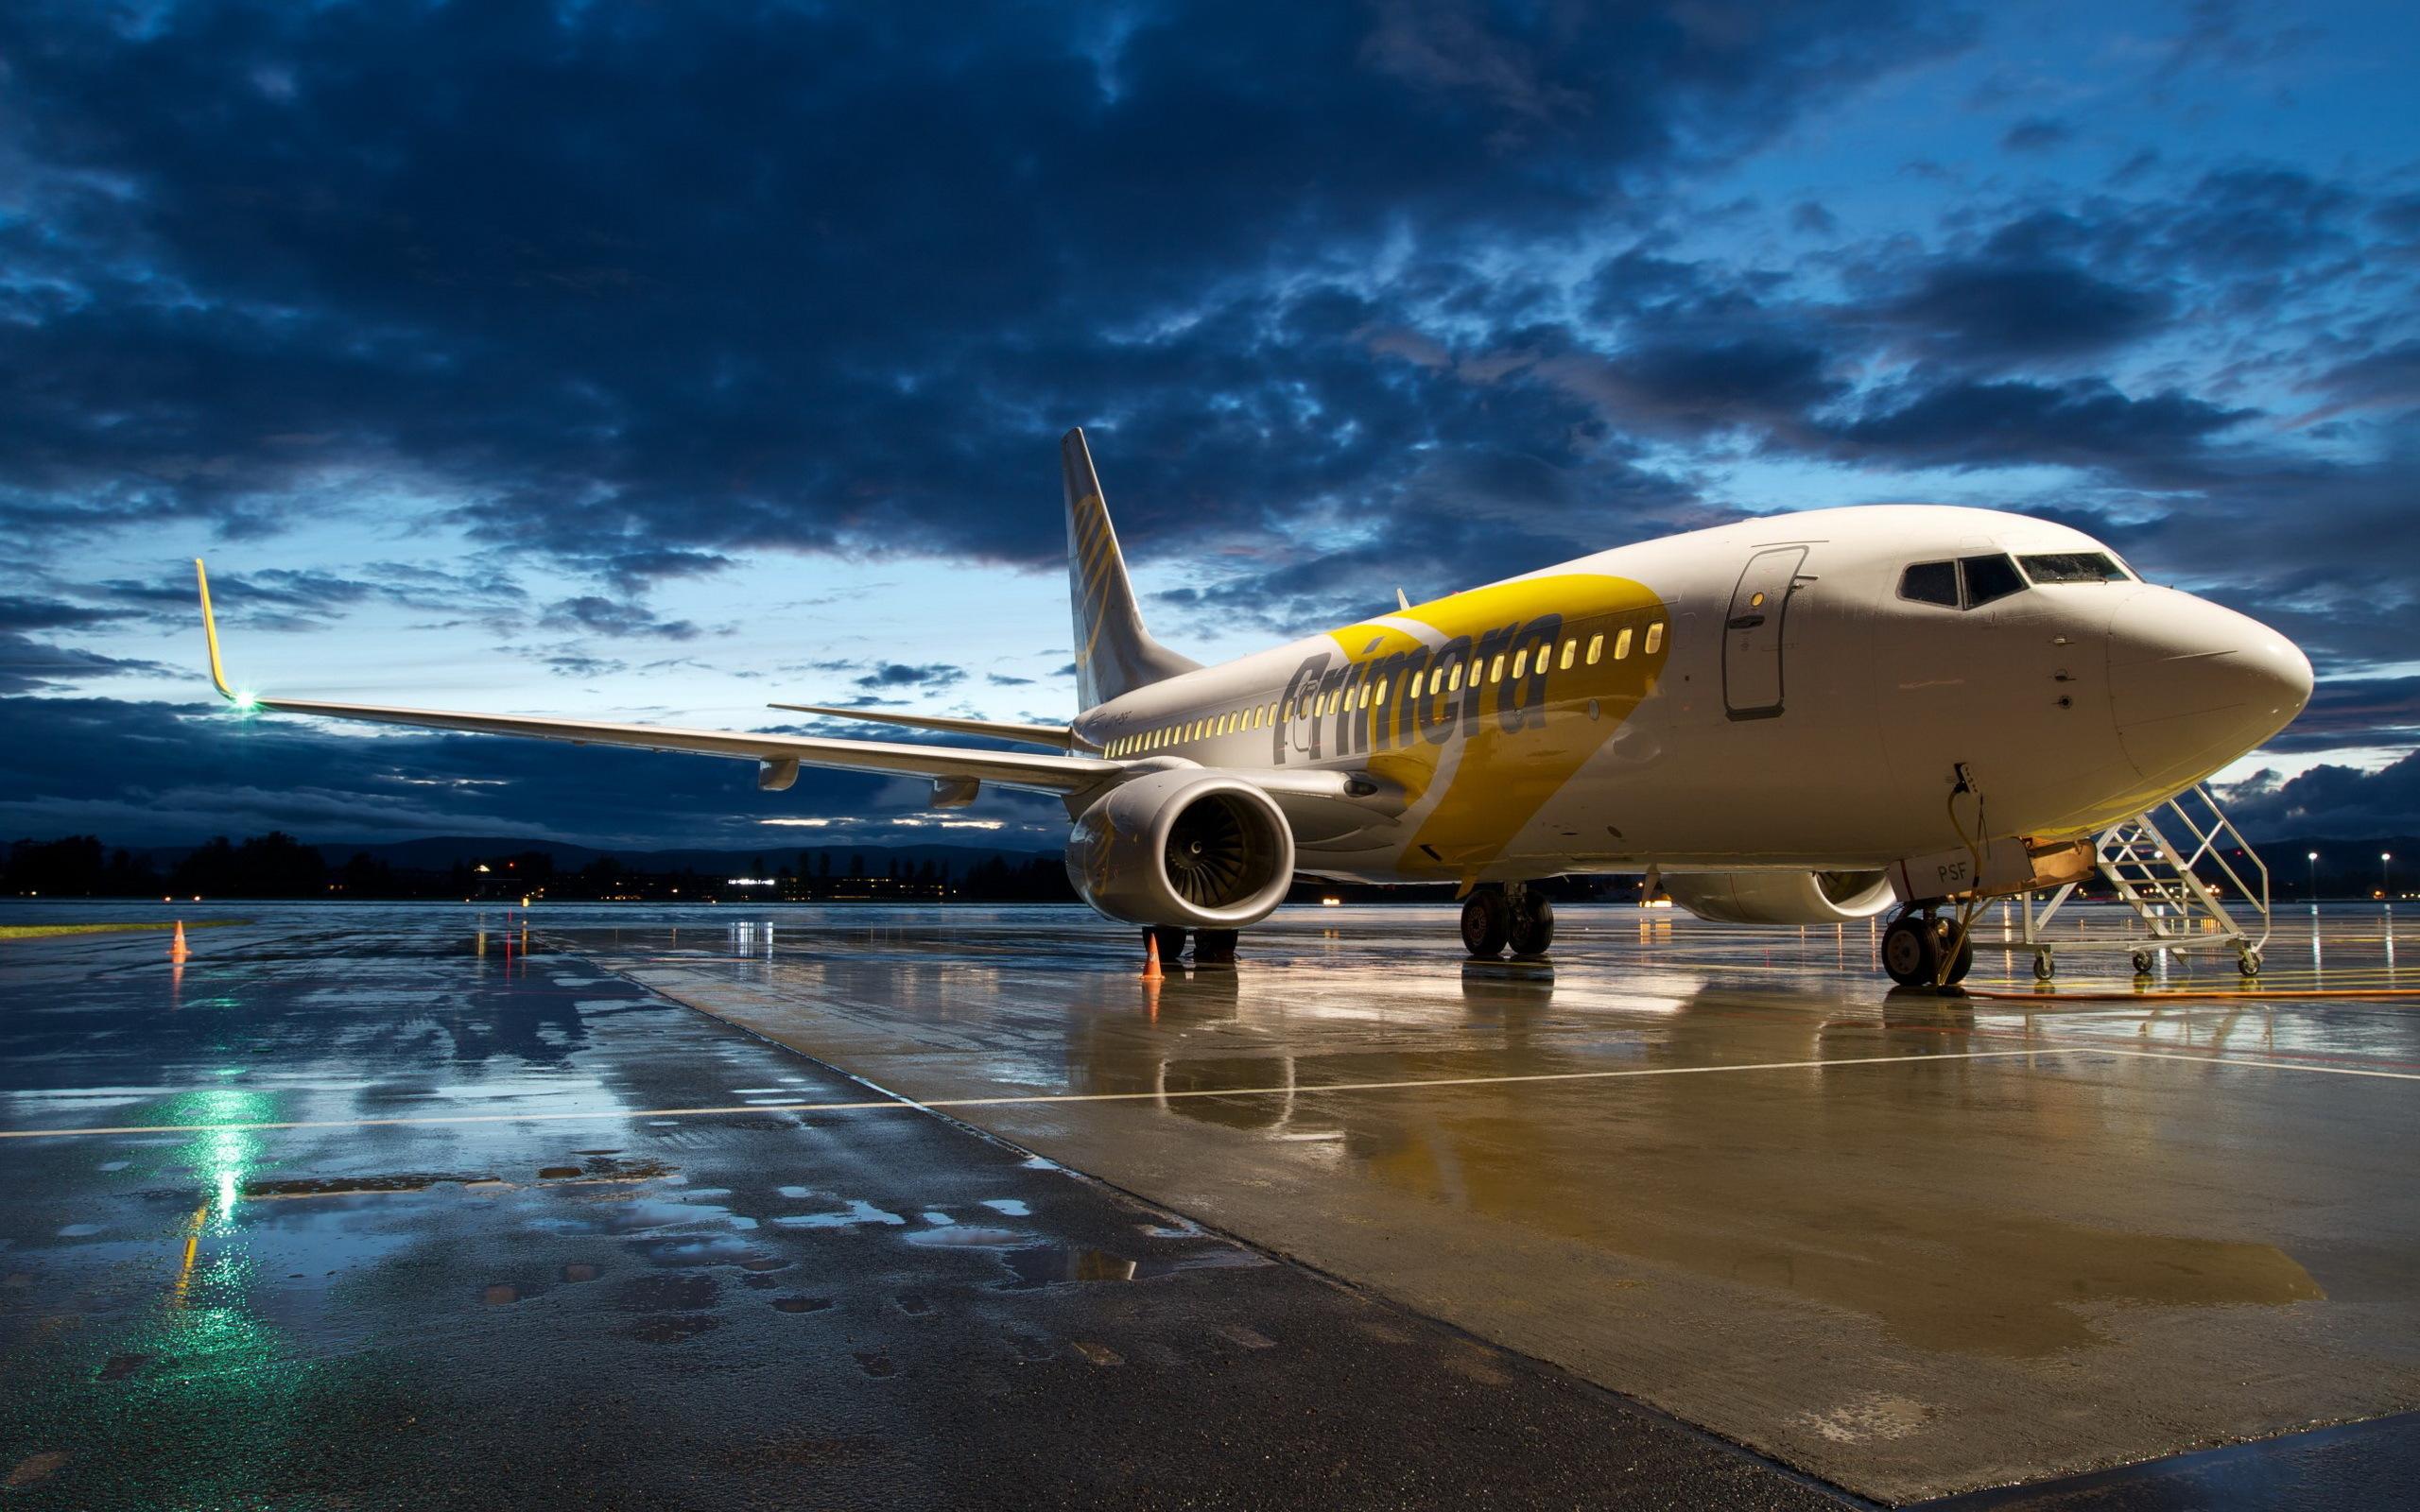 Самолет Боинг 737 припаркованный в аэропорту, гражданская авиация, 2560 на 1600 пикселей